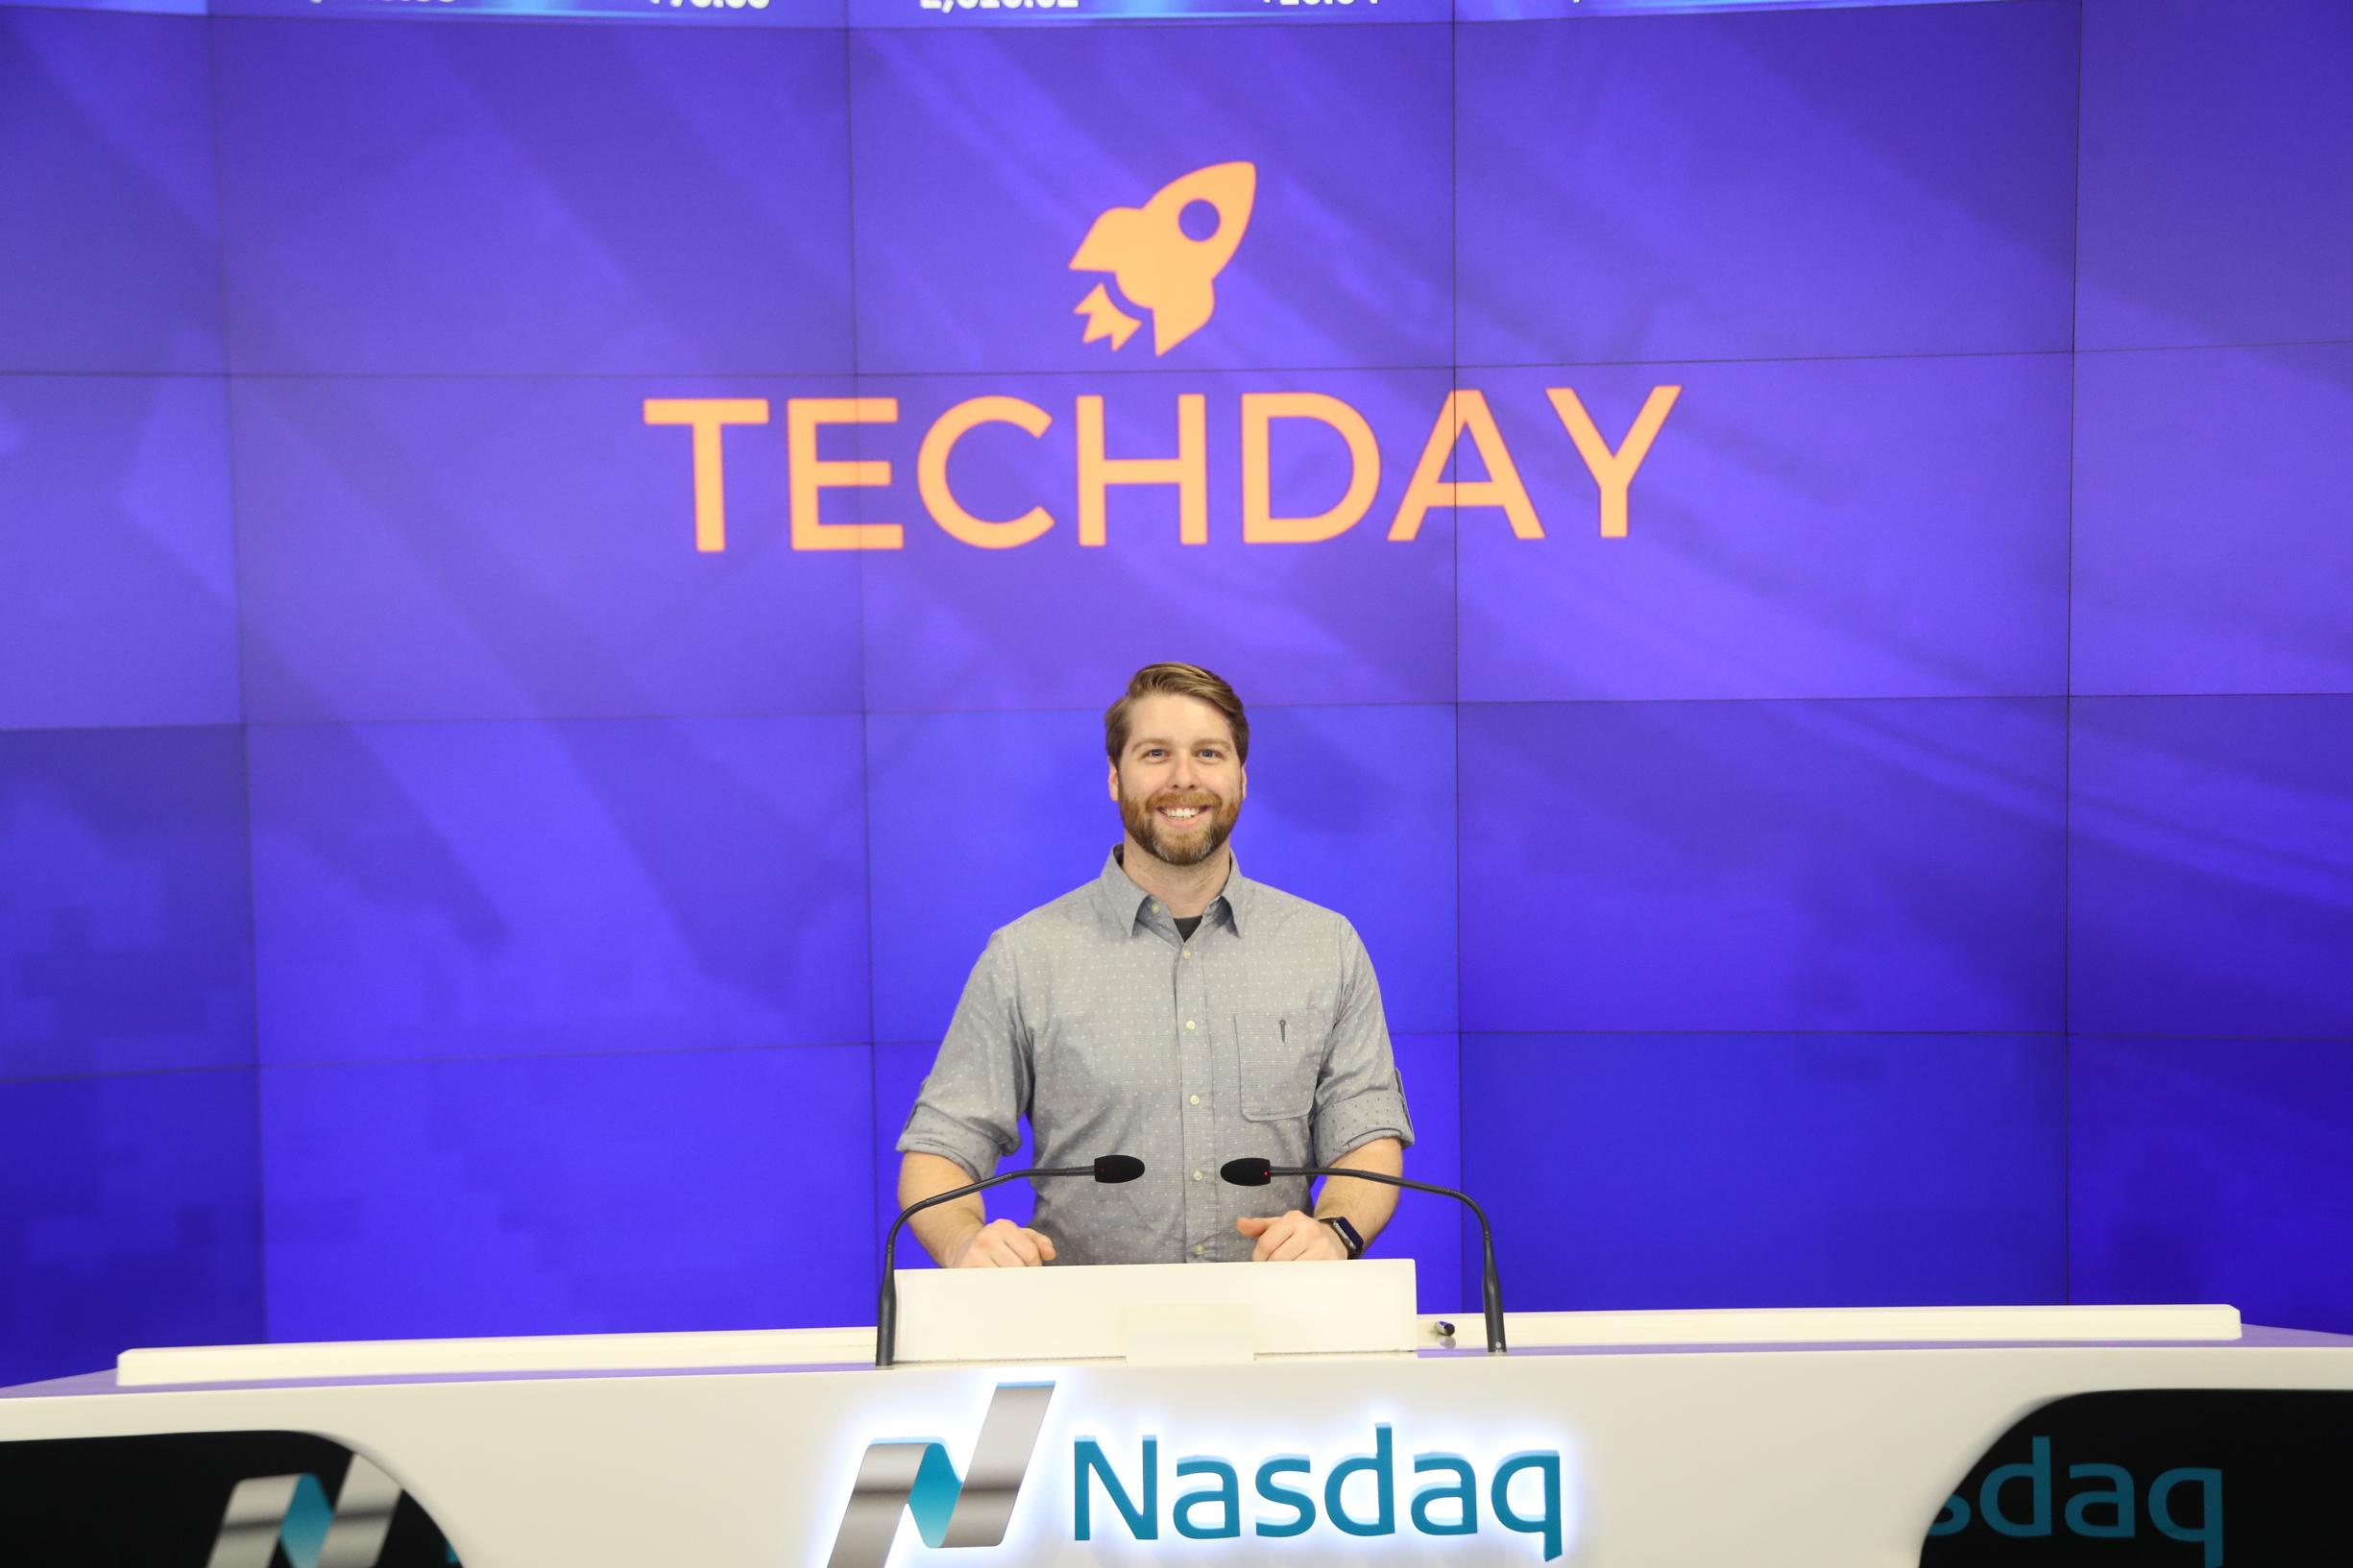 Kevin Siskar Techday NASDAQ 2.jpg